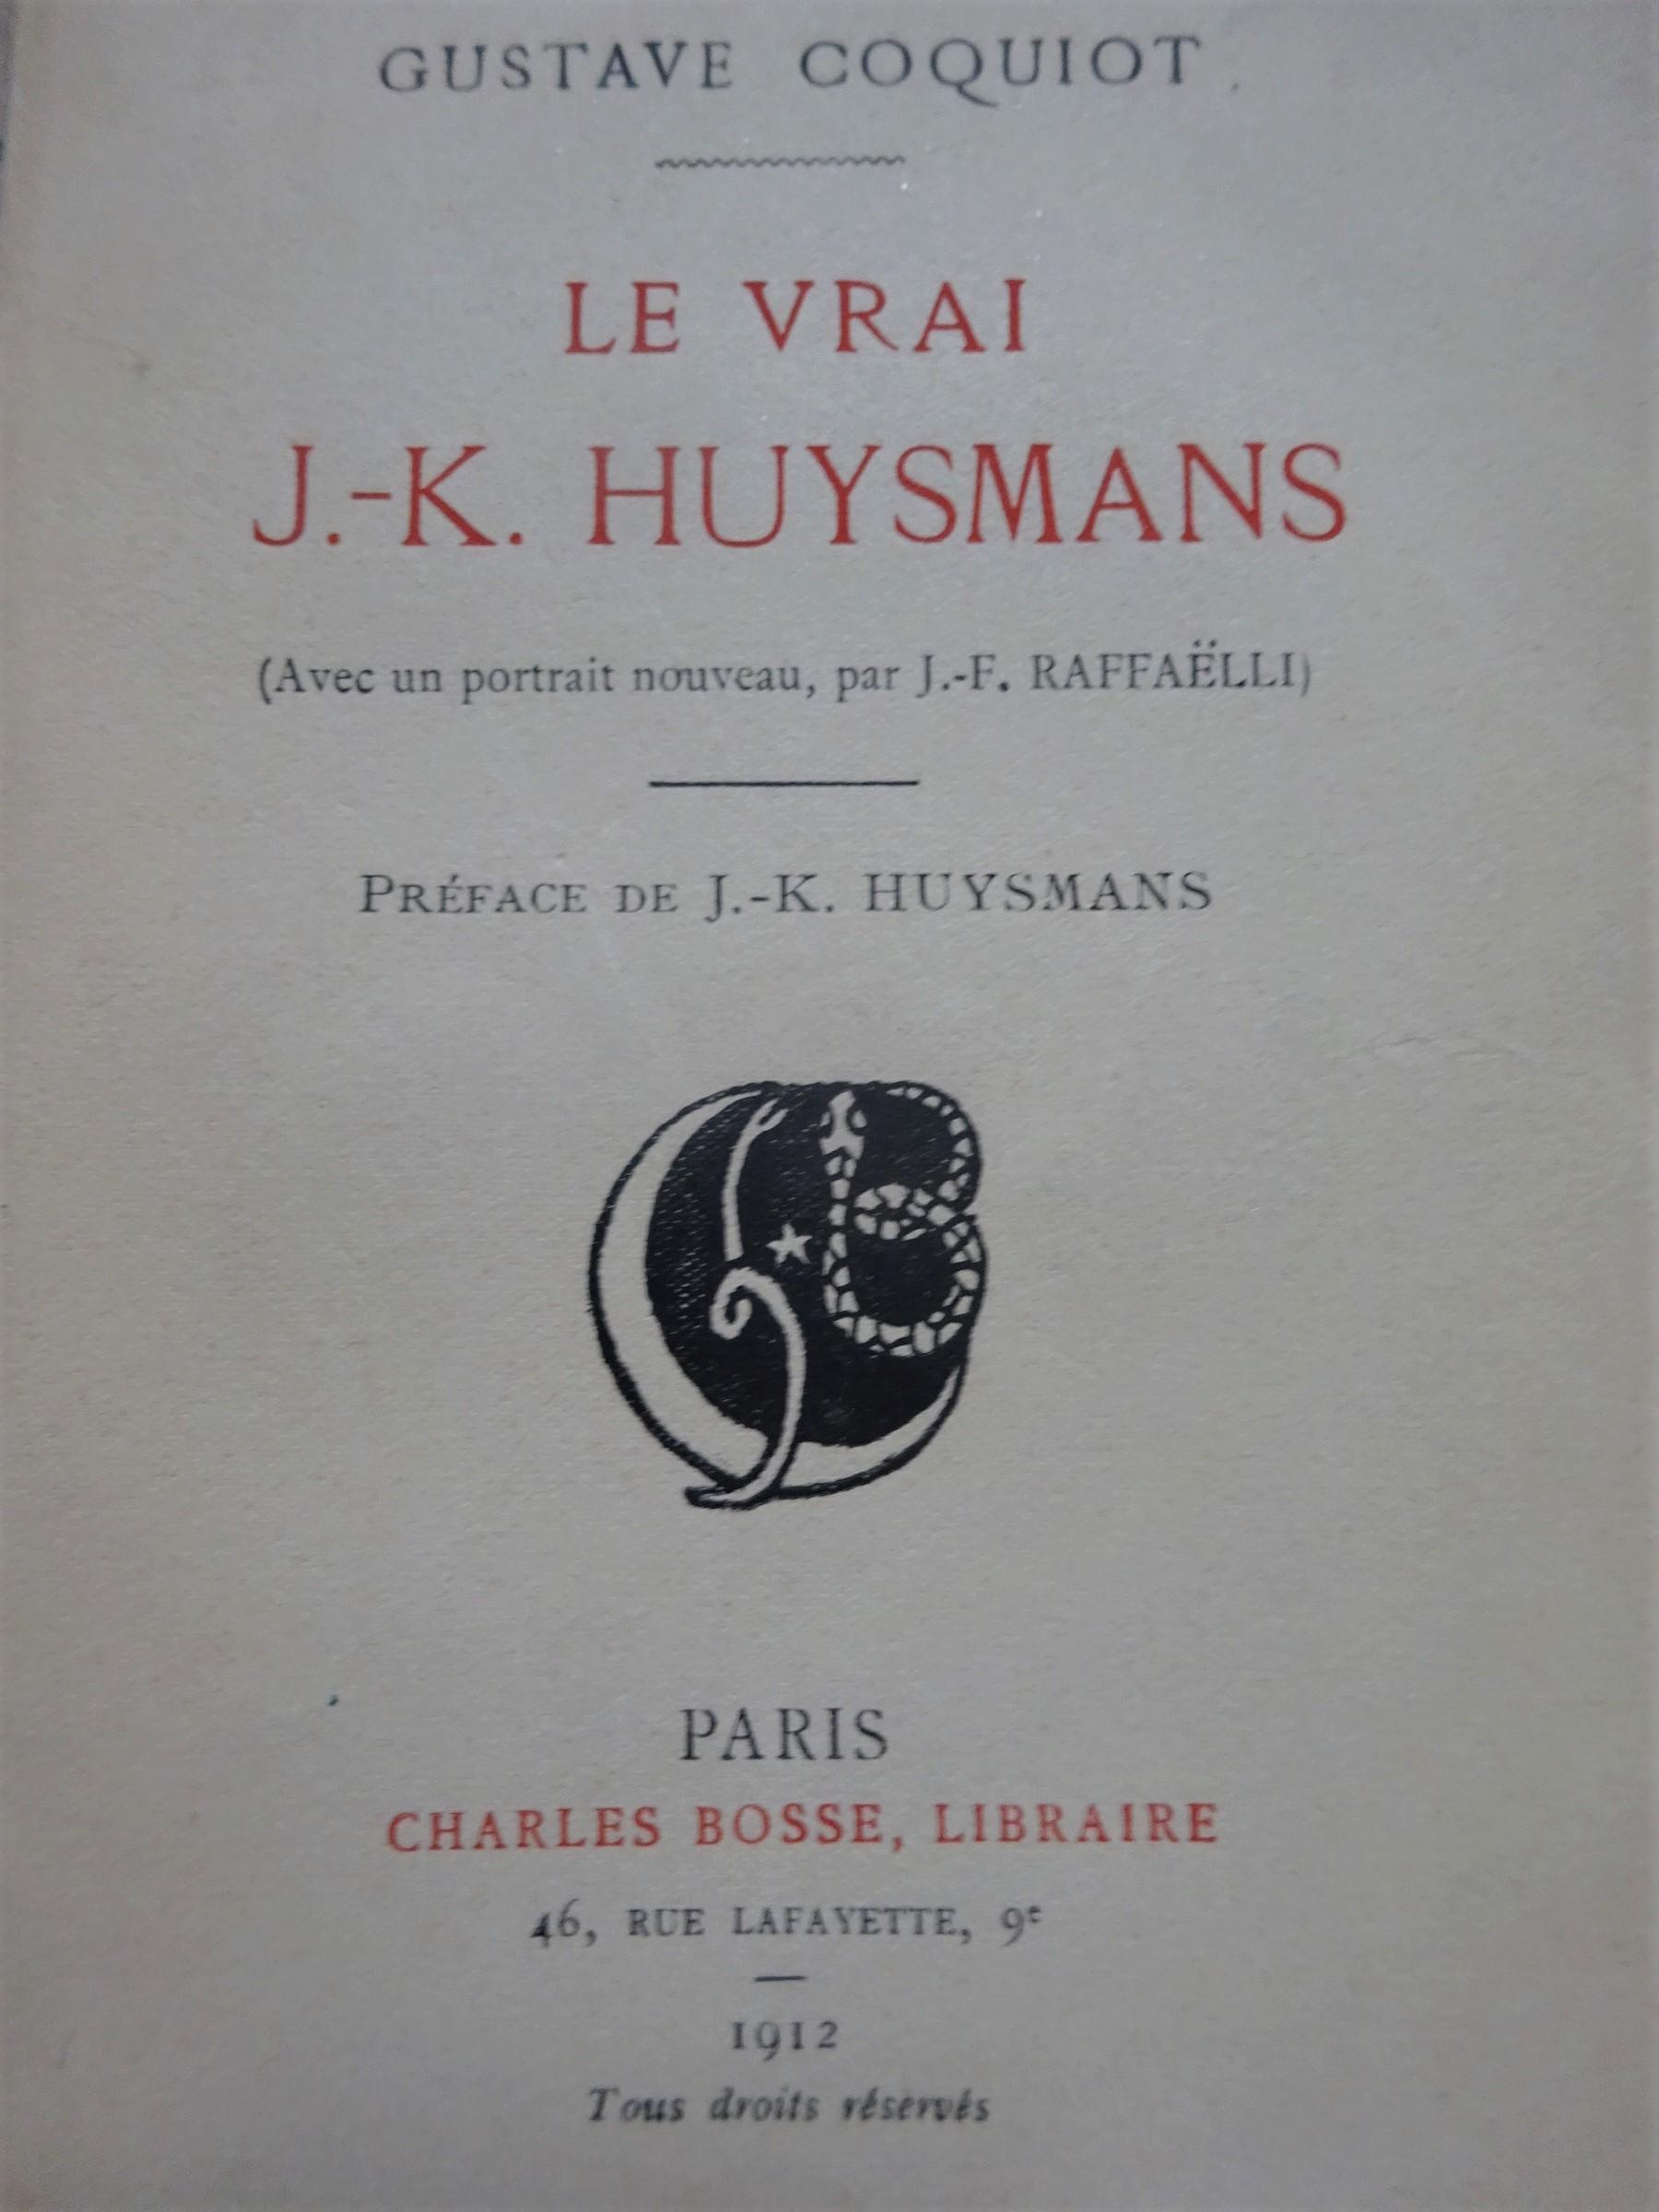 Le vrai J.-K.Huysmans